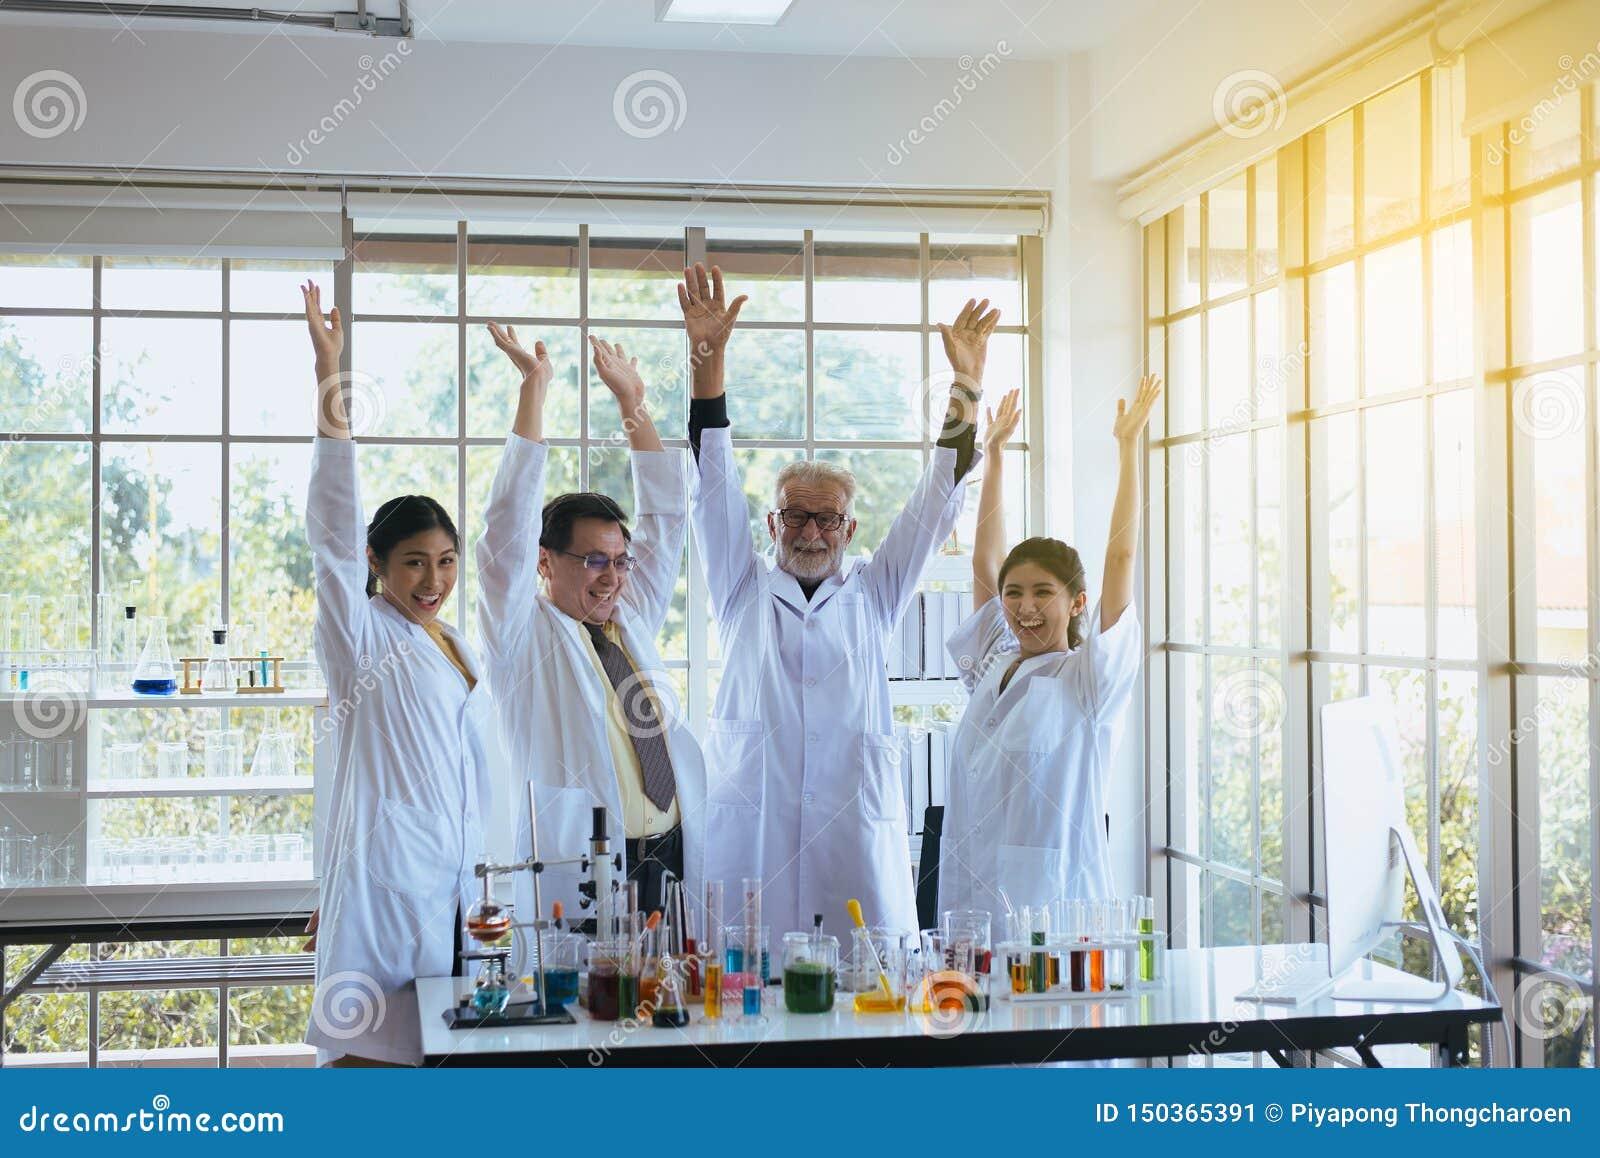 科学家一起手rais,小组变化在实验室,成功和reserch工作的人配合